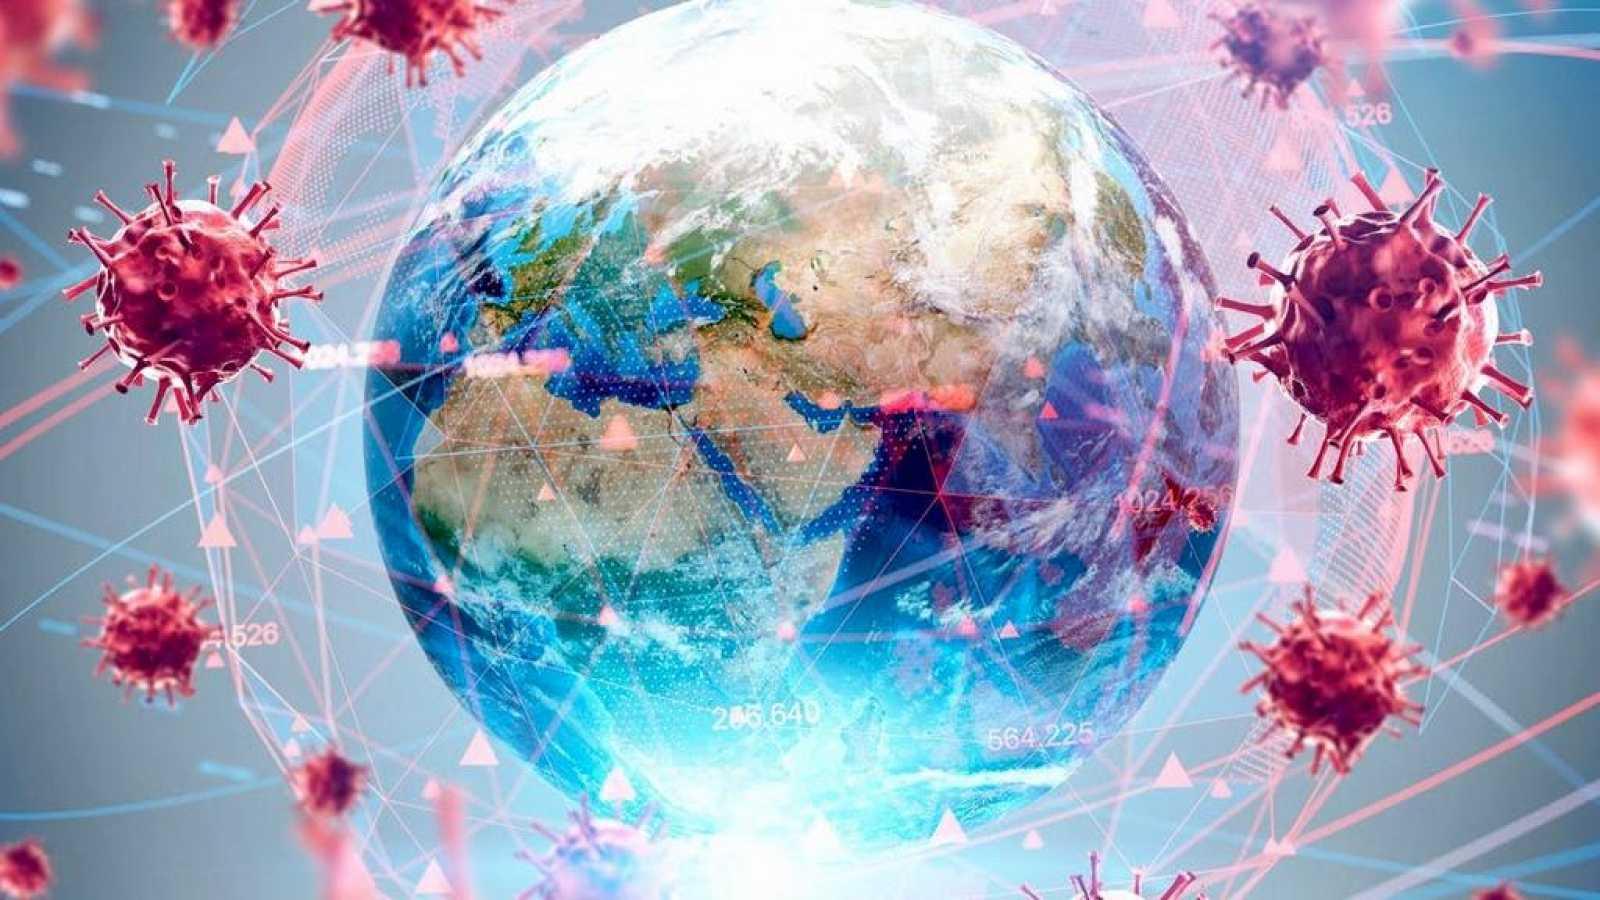 No es un día cualquiera - Robots y aprendizaje en pandemia - Primera hora - 18/10/2020 - Escuchar ahora